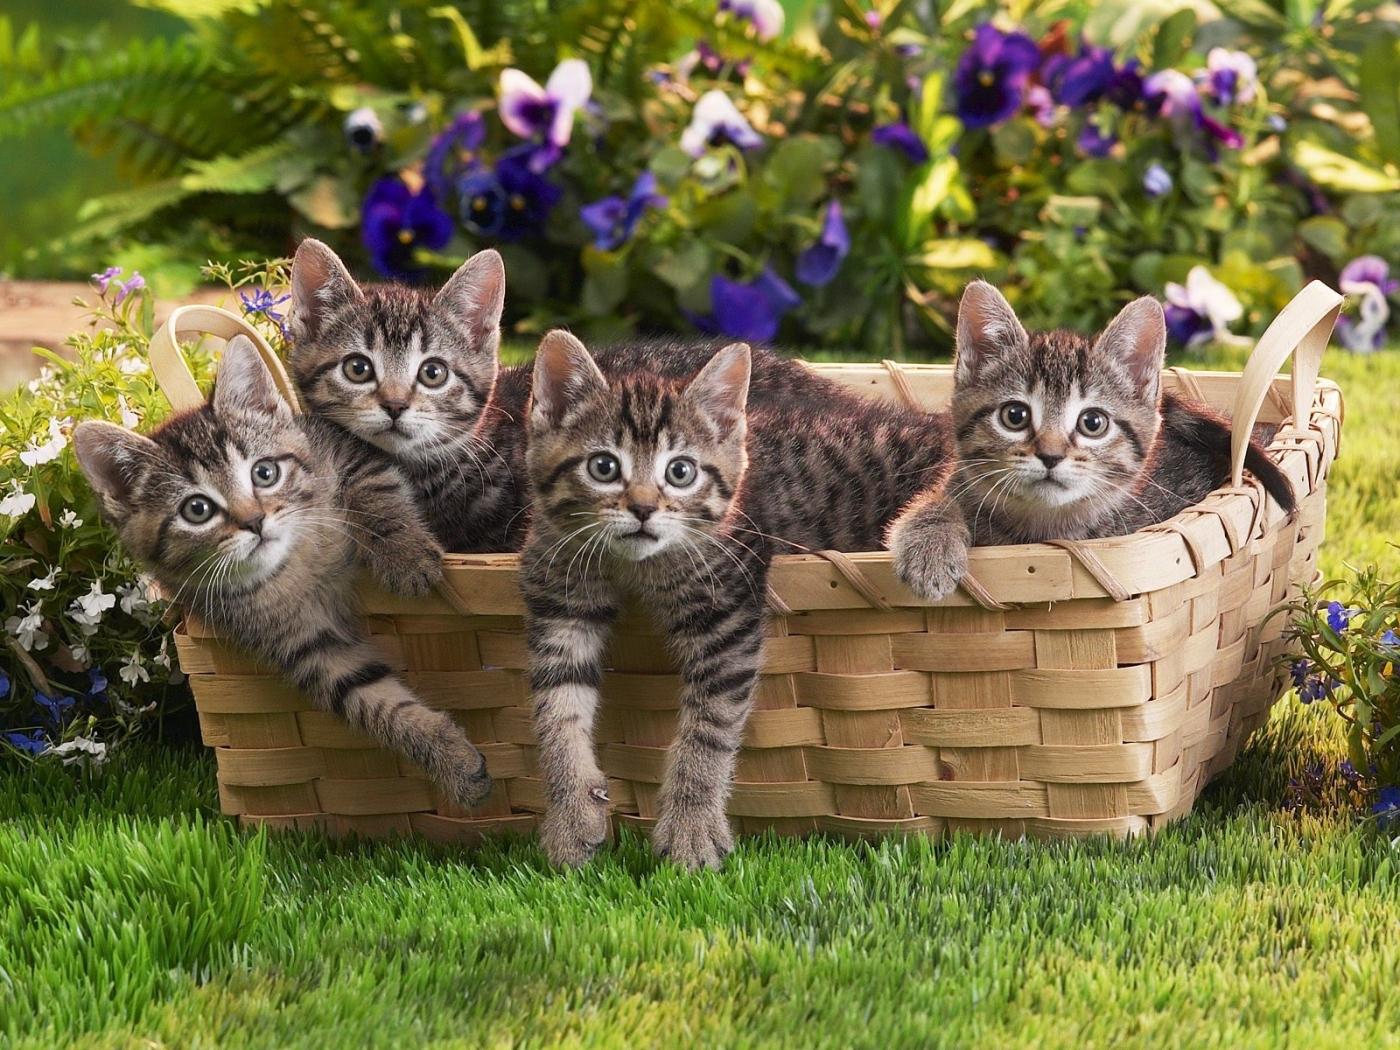 24592 Заставки и Обои Кошки (Коты, Котики) на телефон. Скачать Животные, Кошки (Коты, Котики) картинки бесплатно